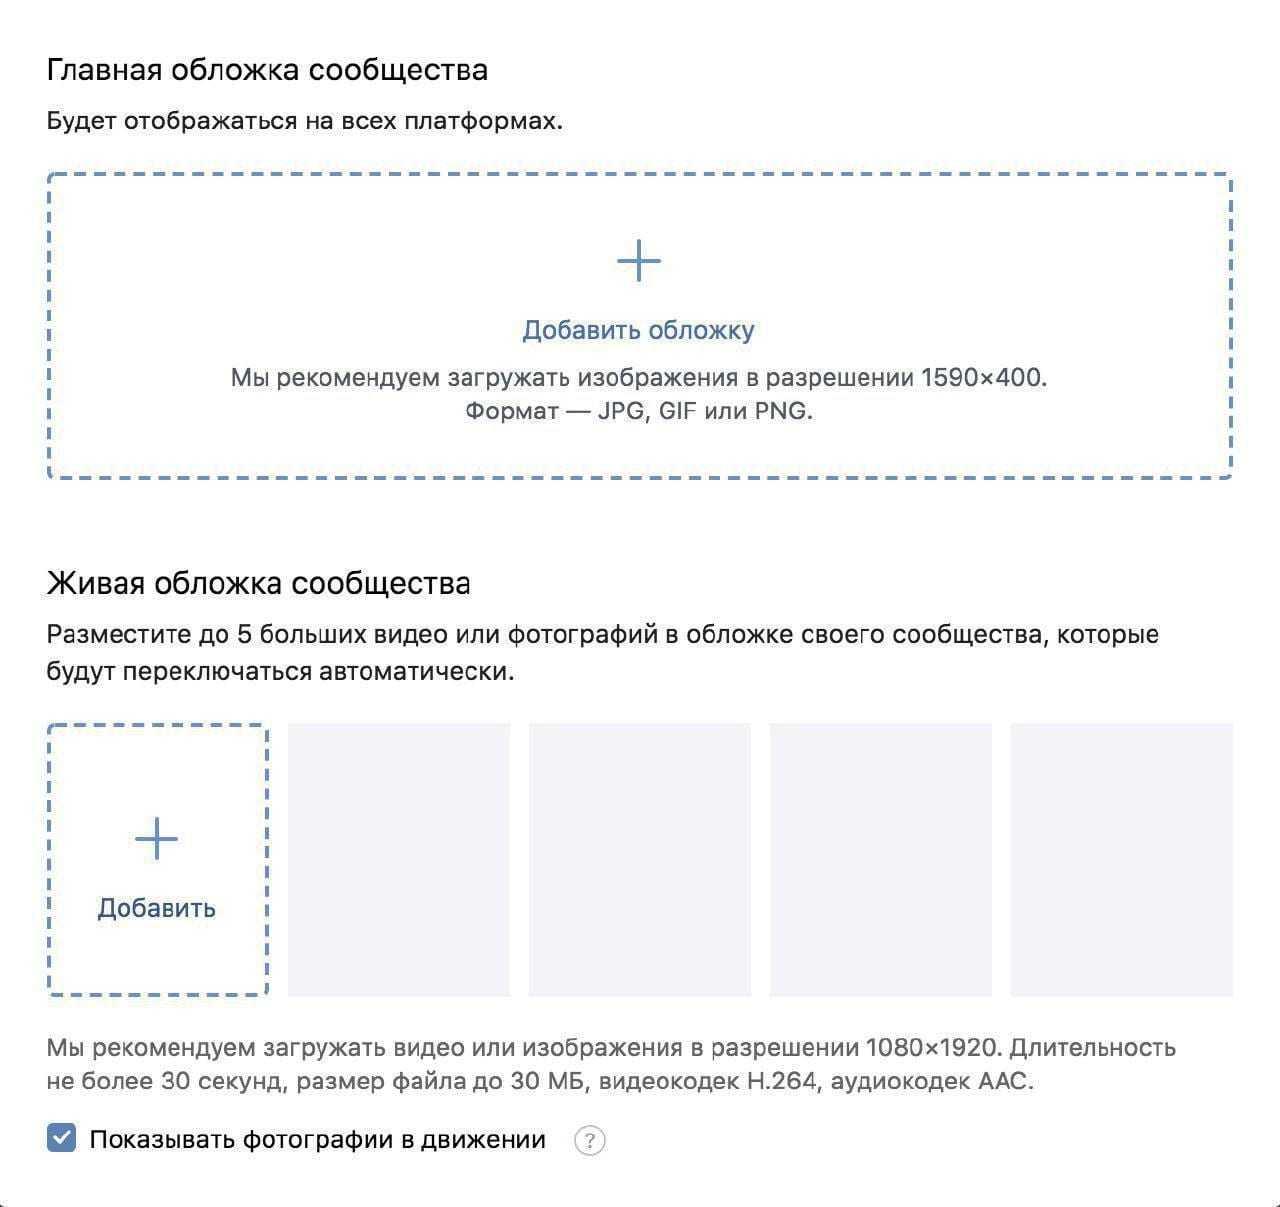 ВКонтакте открыл живые обложки для всех сообществ (photo 2019 01 23 16 30 51)